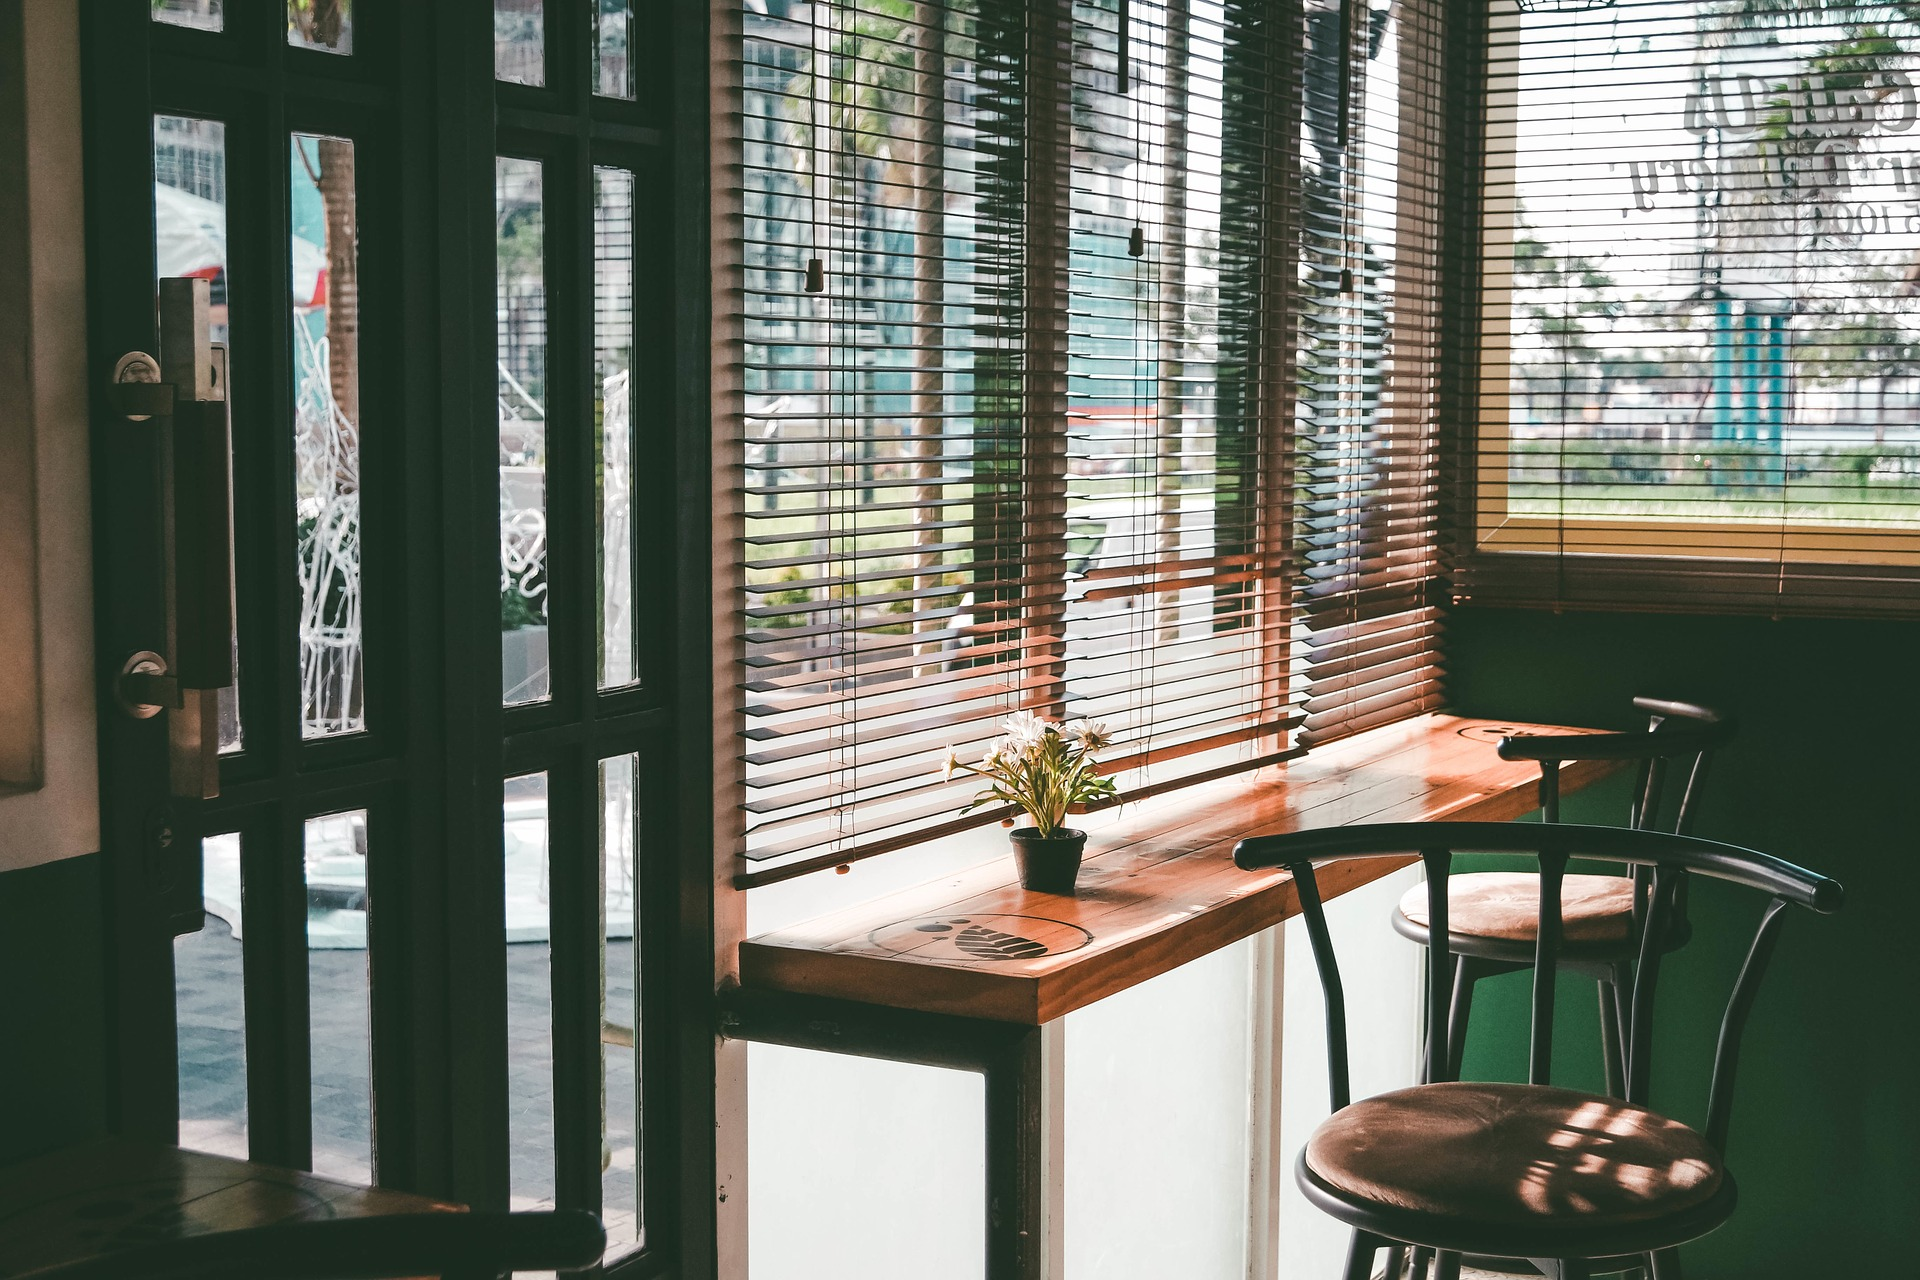 fepuro-fenster-putzer-rostock-glasreinigung-bars-kneipen-restaurant